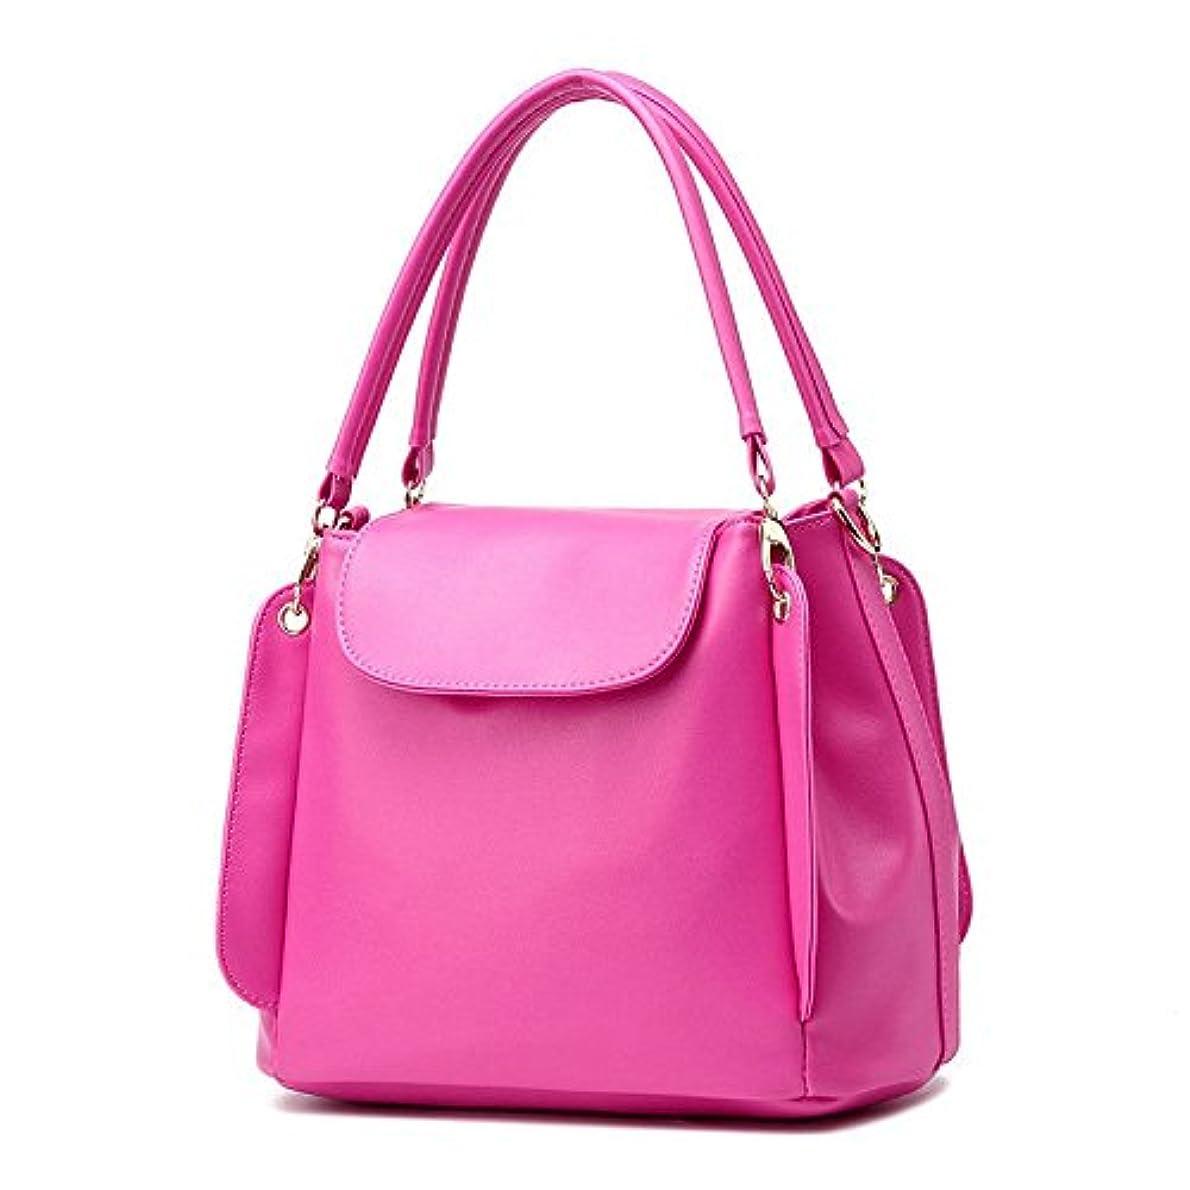 略奪壊すおシューズ&バッグ/ バッグ?スーツケース / レディースバッグ?財布 / バッグ /ショルダーバッグ/ New Women Handbag PU Leather Shoulder Bag Messenger Hobo Bag Tote Purse Satchel